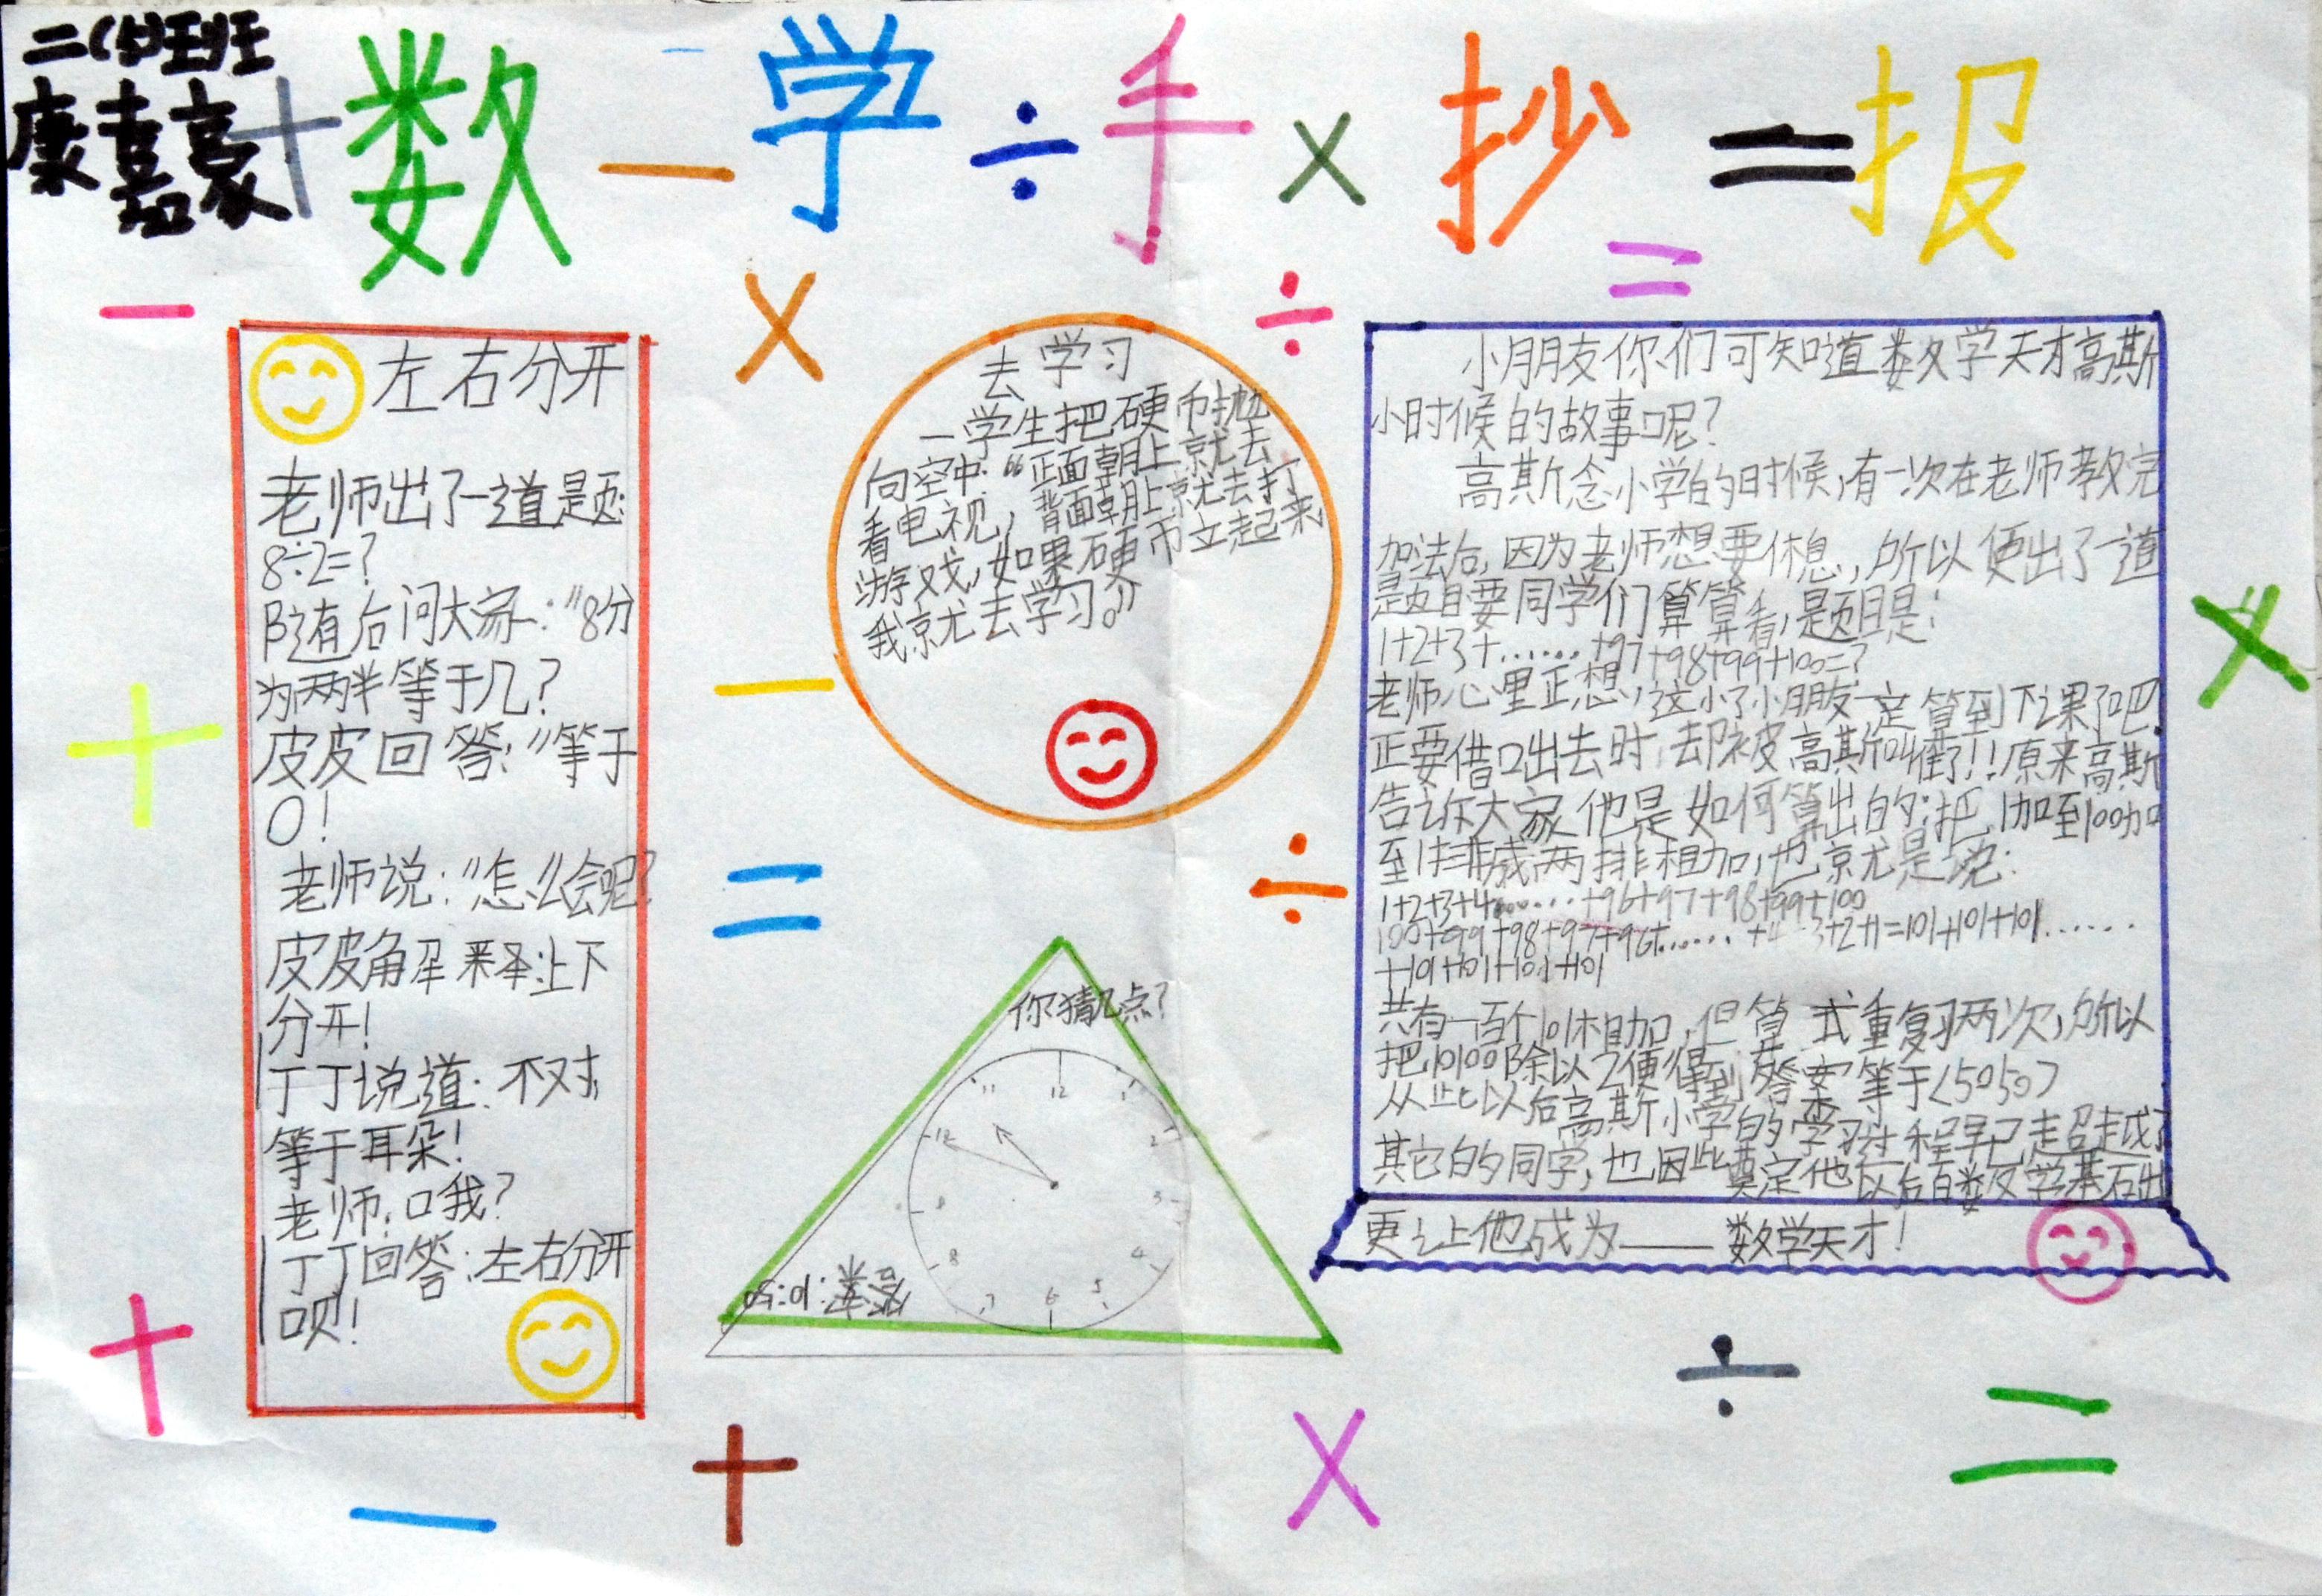 数学手抄报:数学手抄报版面设计图片大全